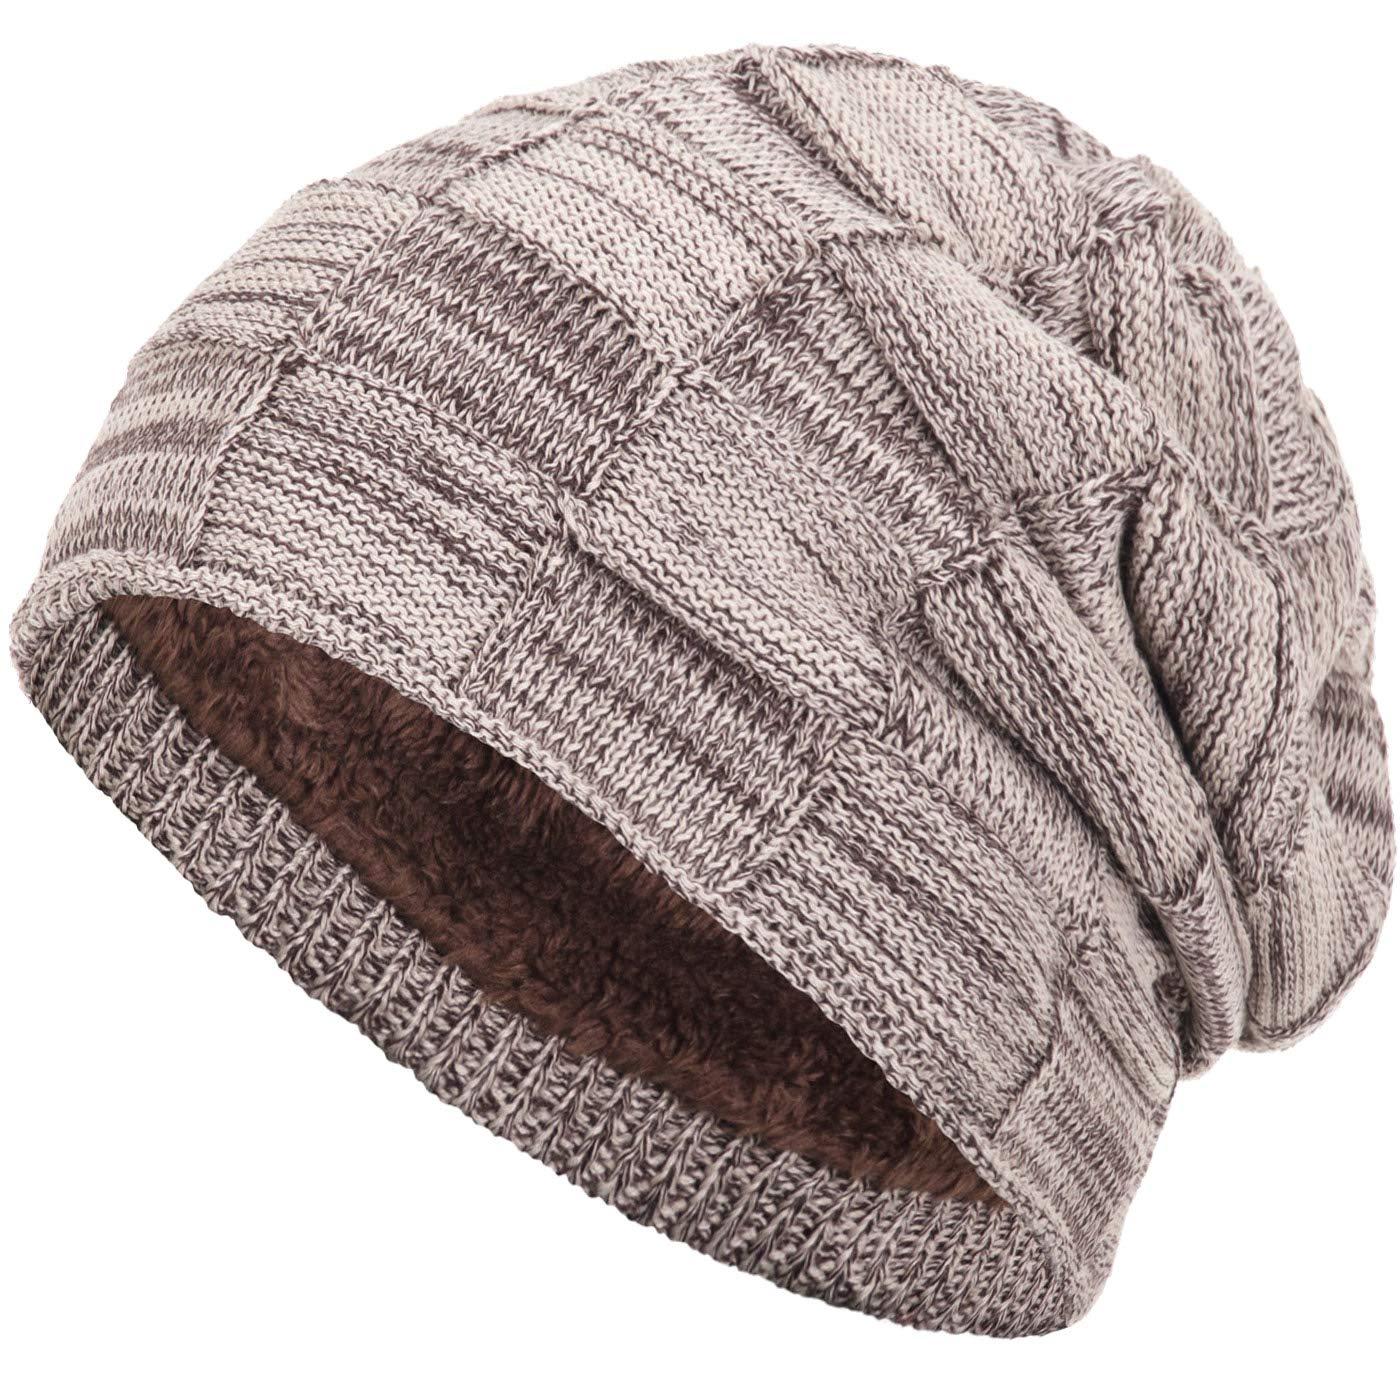 Compagno warm gefütterte Beanie Wintermütze Flechtmuster unifarben oder meliert mit weichem Fleece-Futter Mütze Farbe:Braun